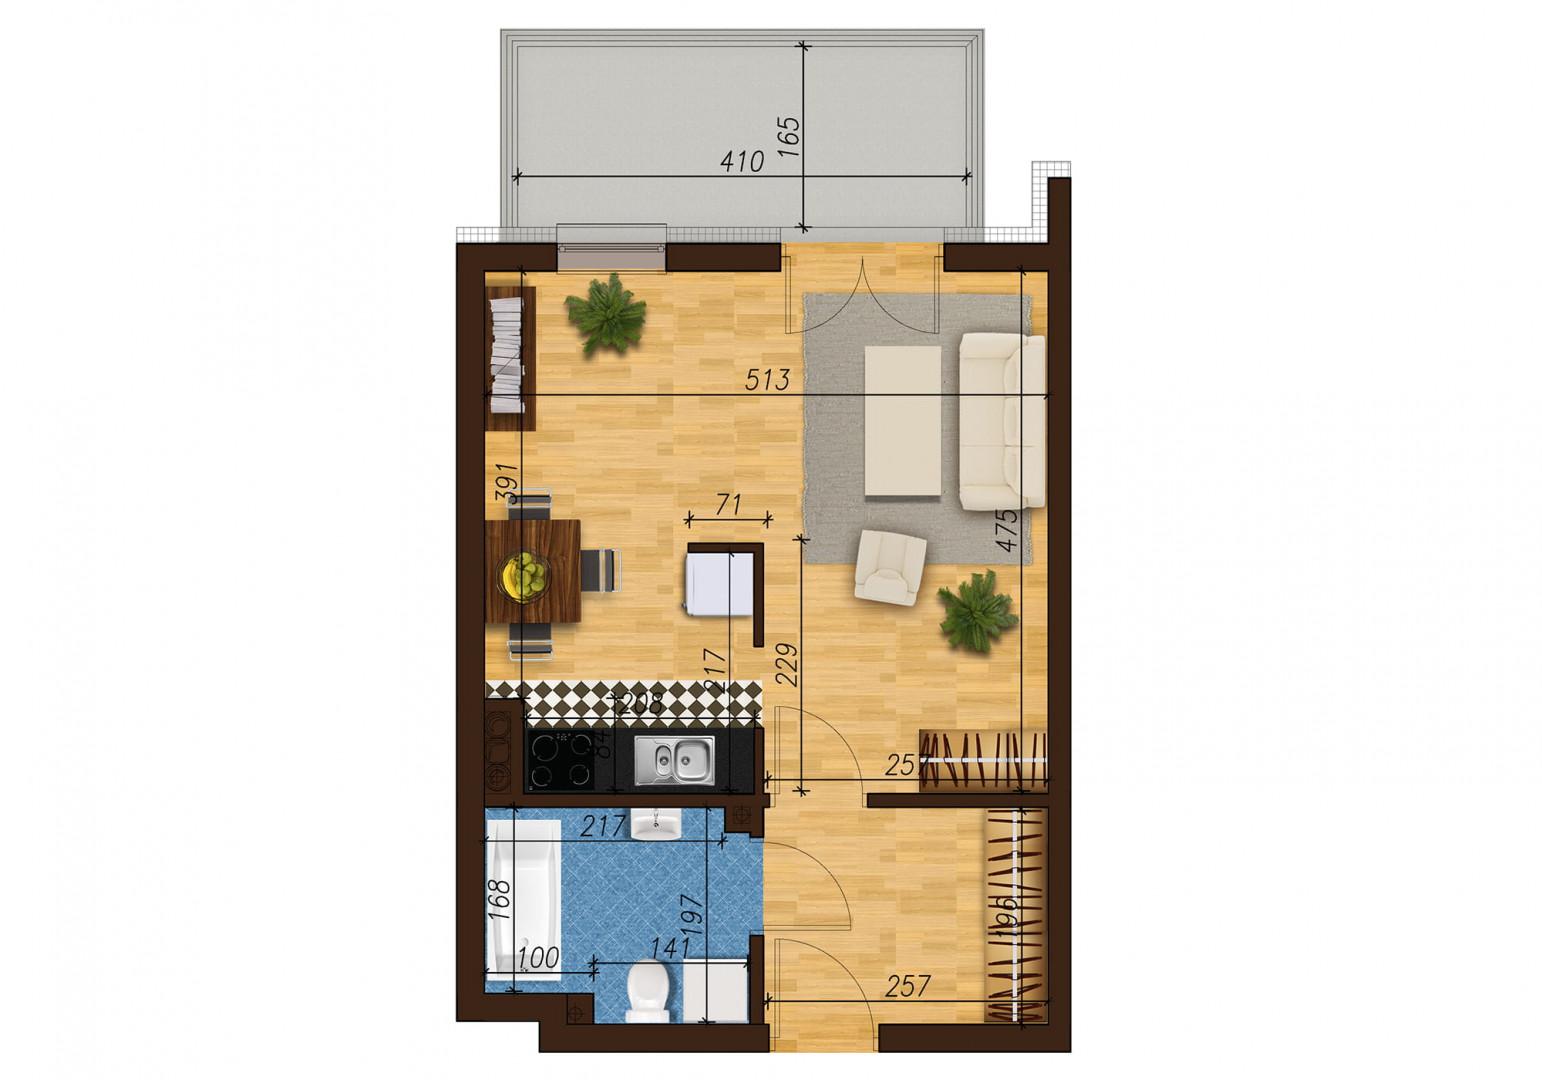 Mieszkanie jednopokojowe 33E/50 rzut 1